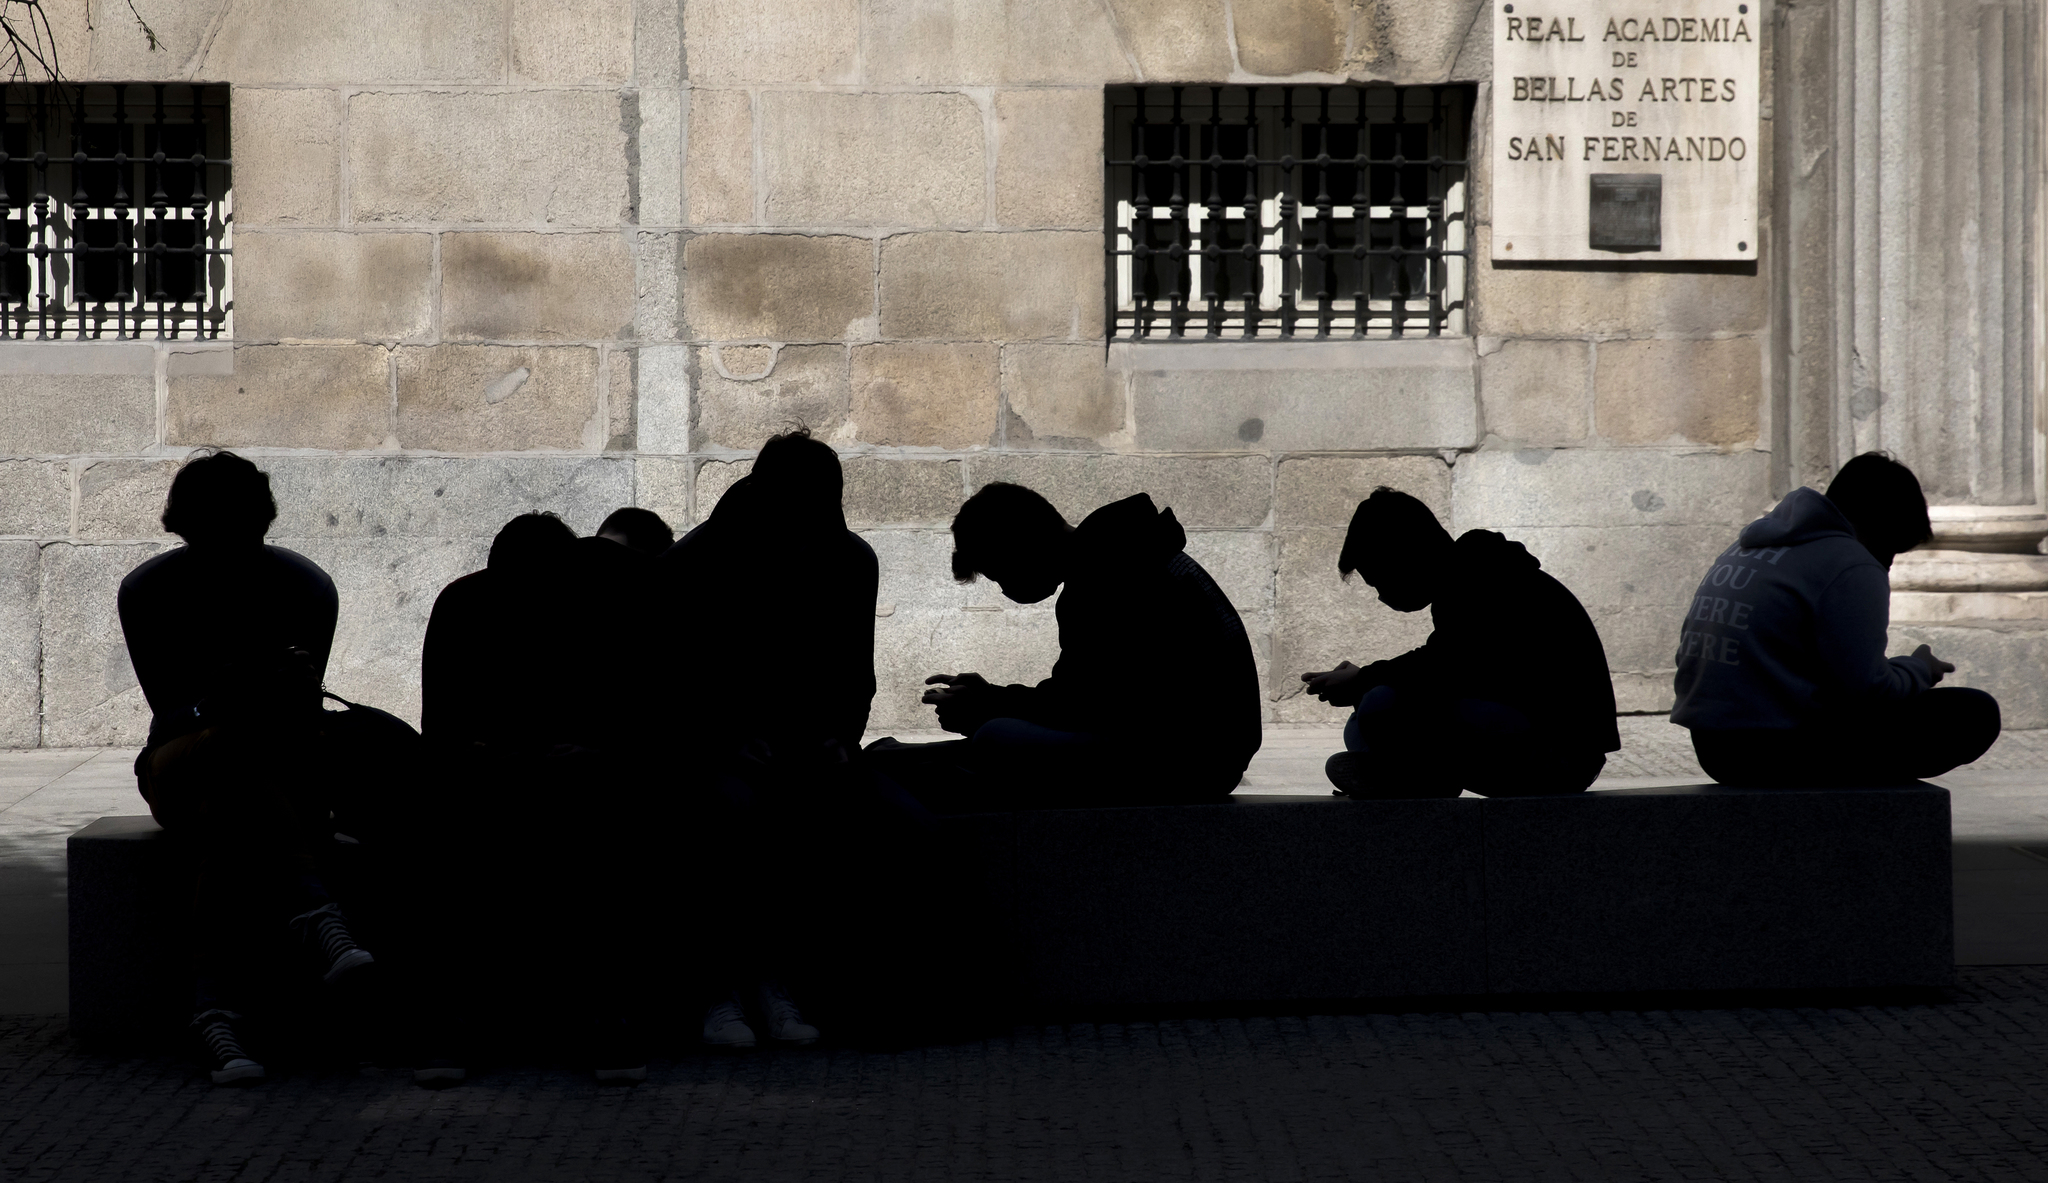 Un grupo de jóvenes, inmerso en la consulta de sus móviles.